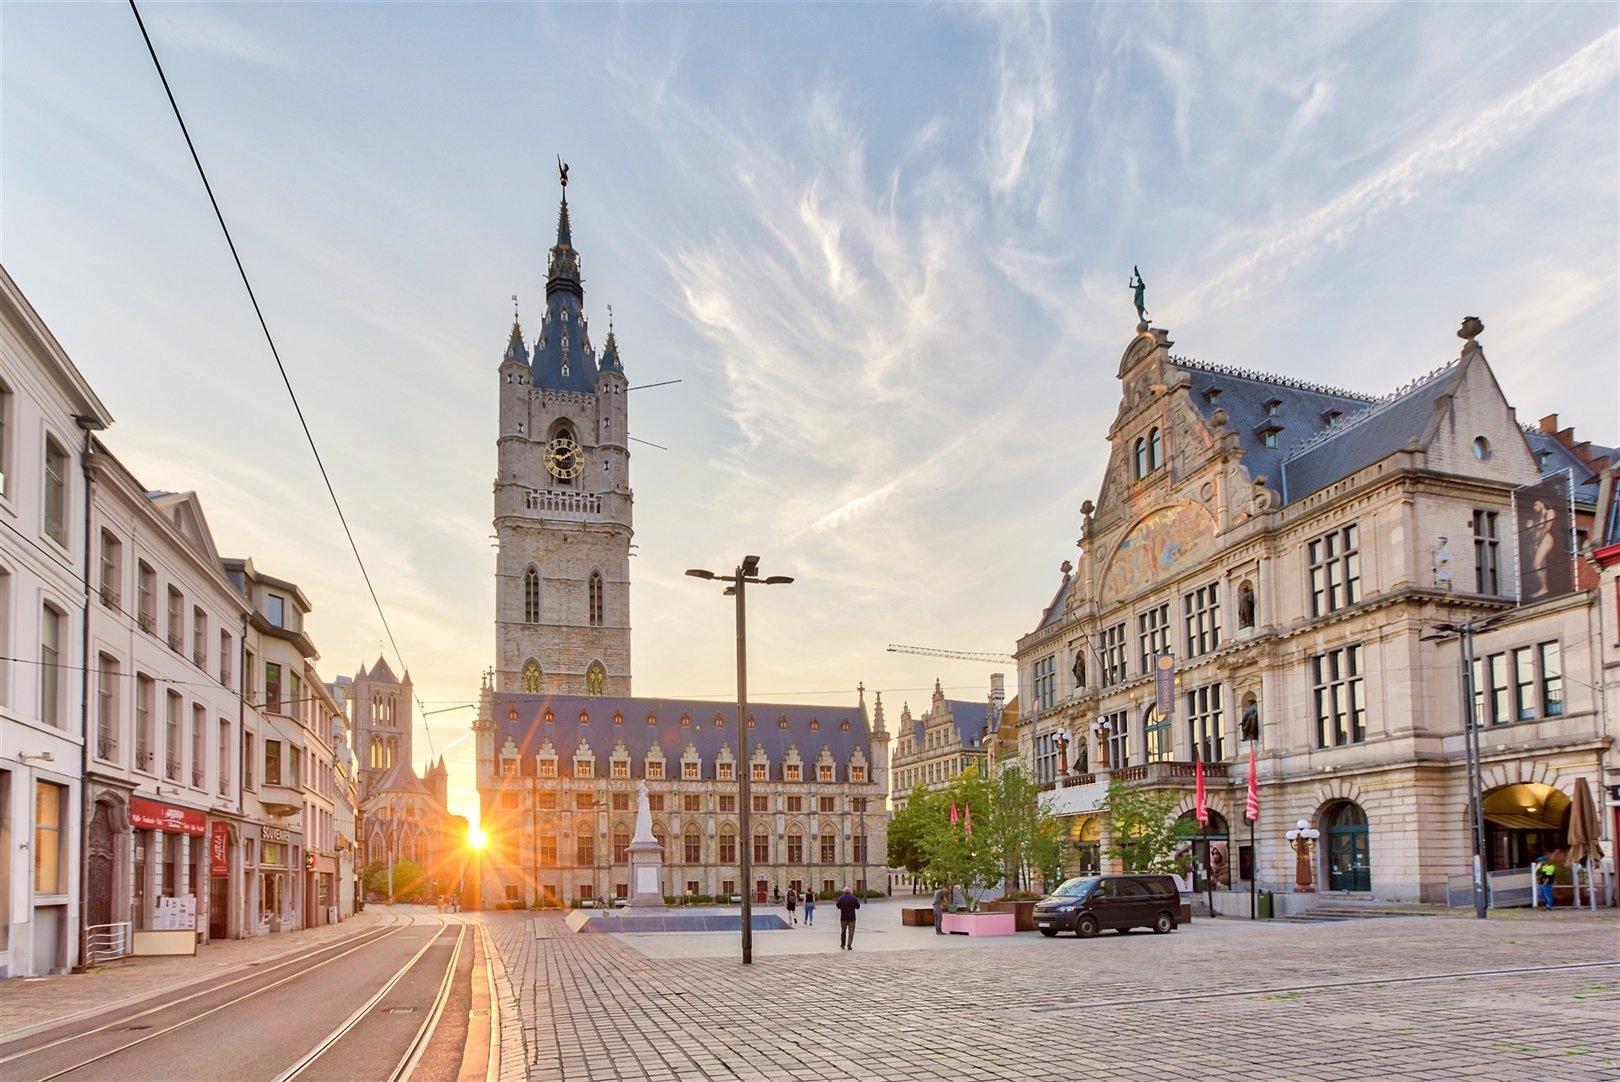 SPECIAL GENT 'Een toffe stad met een creatieve vibe'